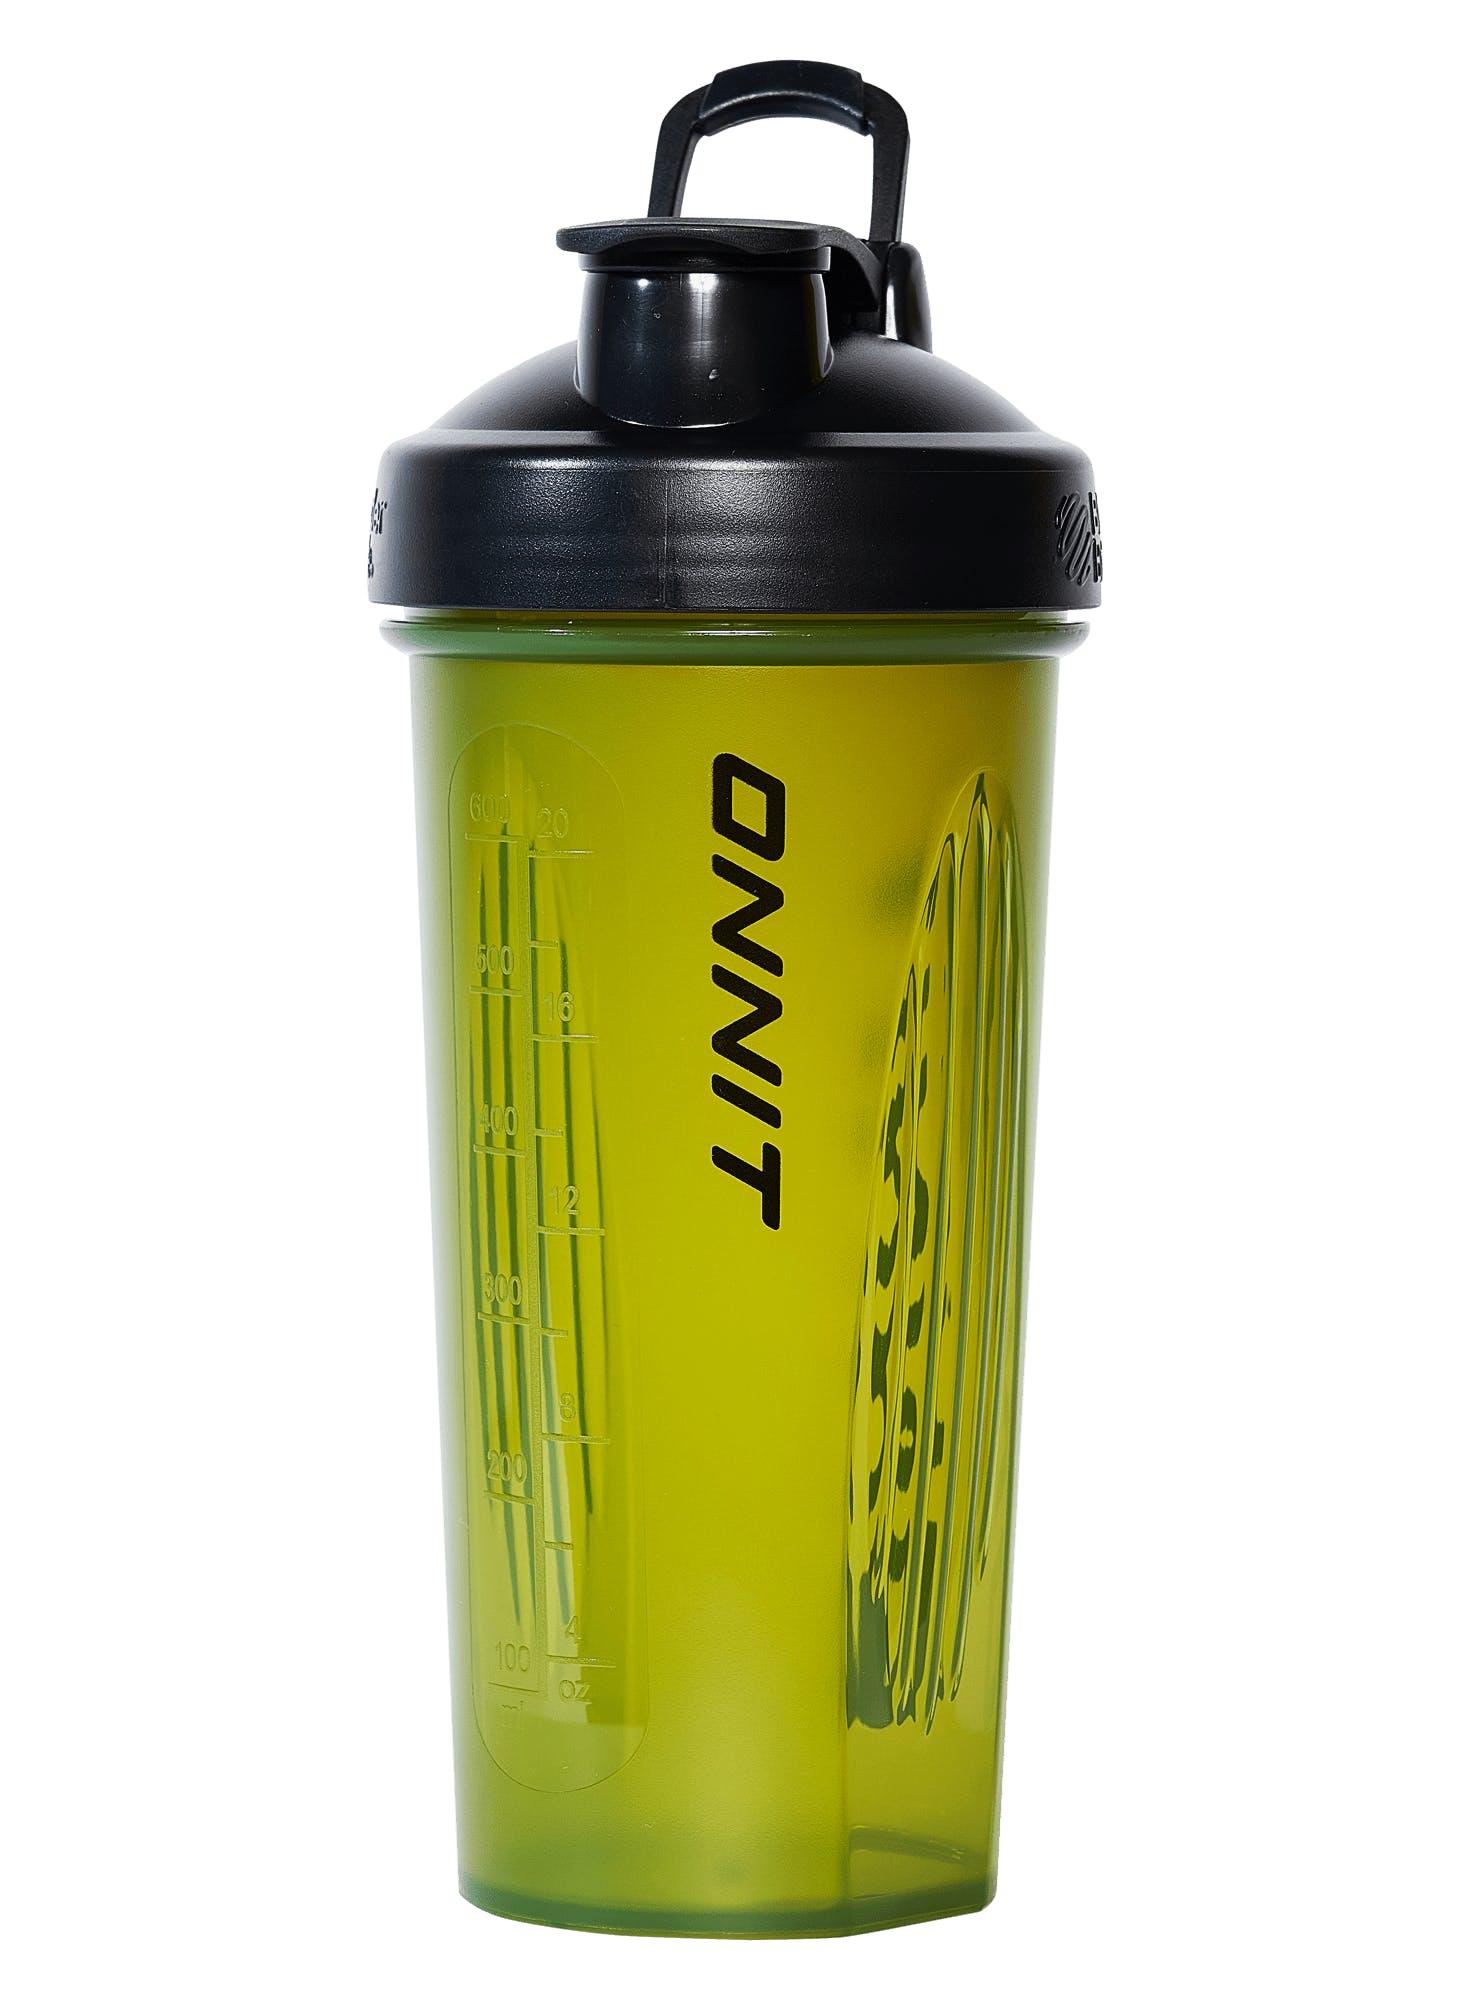 Onnit x Blender Bottle 28oz Bonus Image